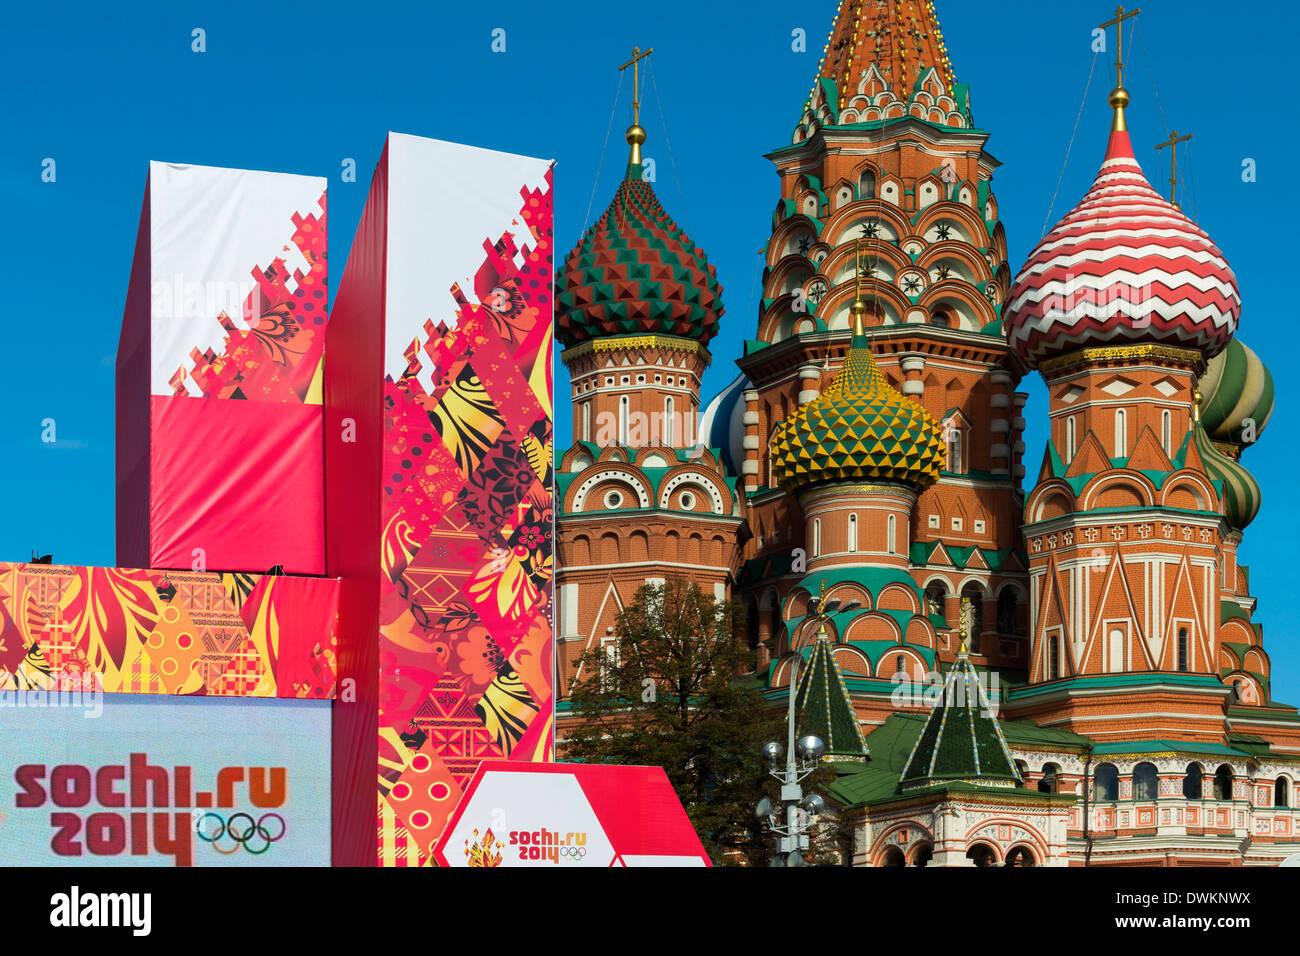 Relais de la flamme des Jeux Olympiques d'hiver de Sotchi de 2014, avec l'oignon dômes de la cathédrale Saint-Basile, au-delà de la Place Rouge, Moscou, Russie Photo Stock